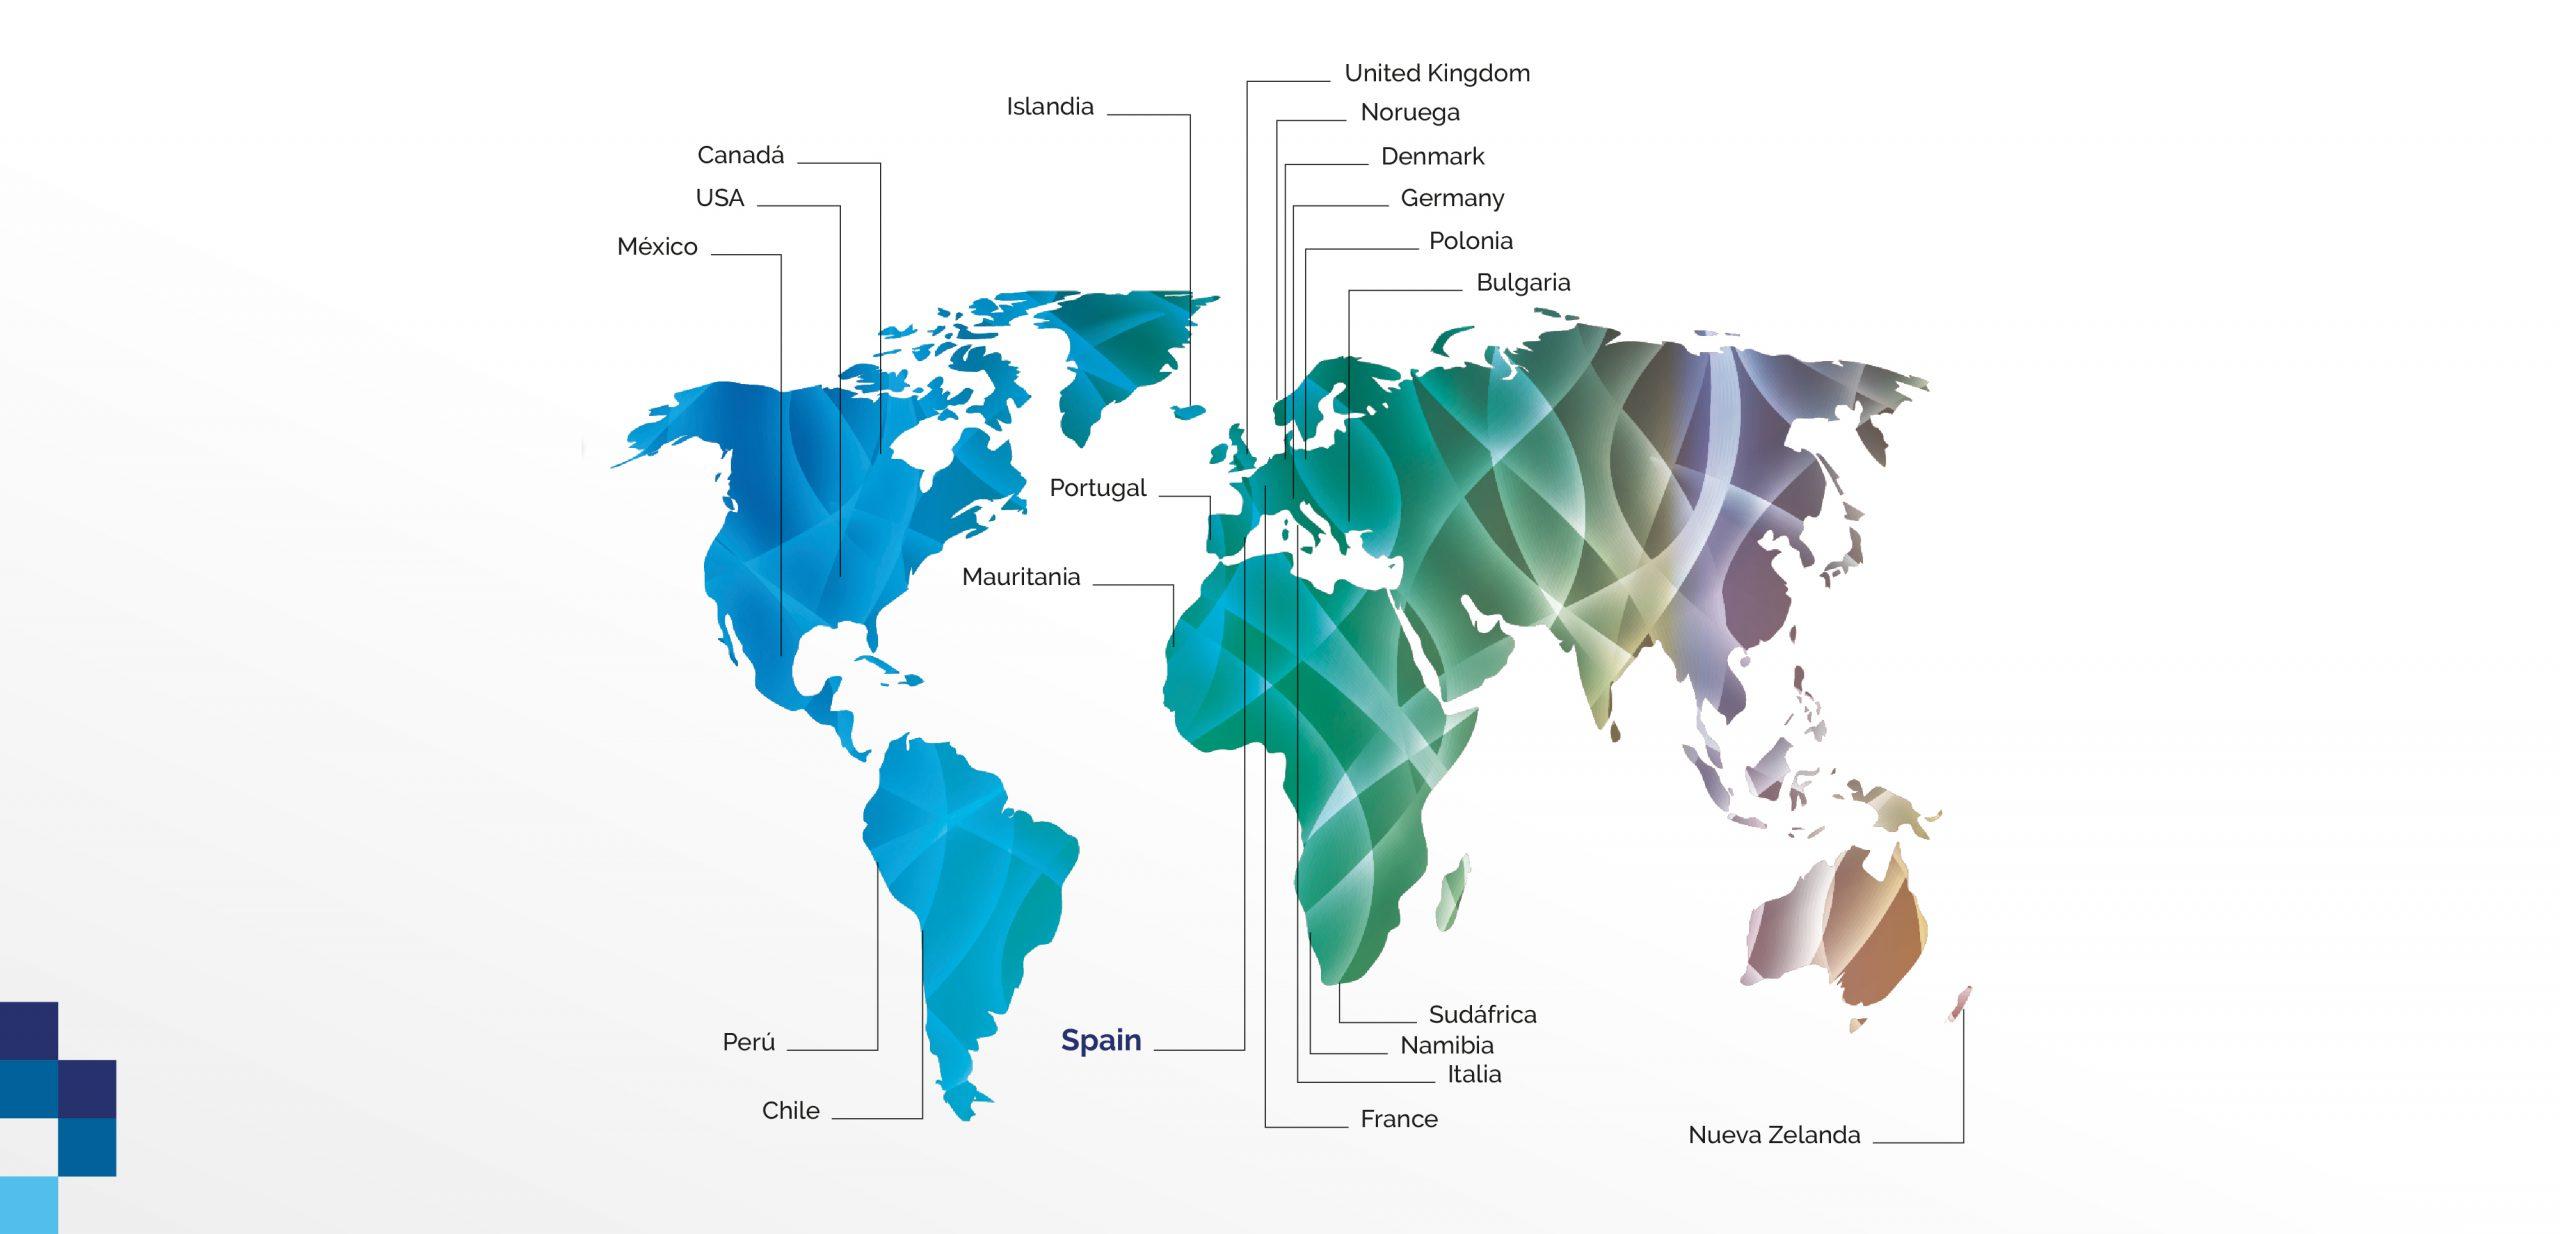 productos pescado y mariscoiberland - Mapa de exportación